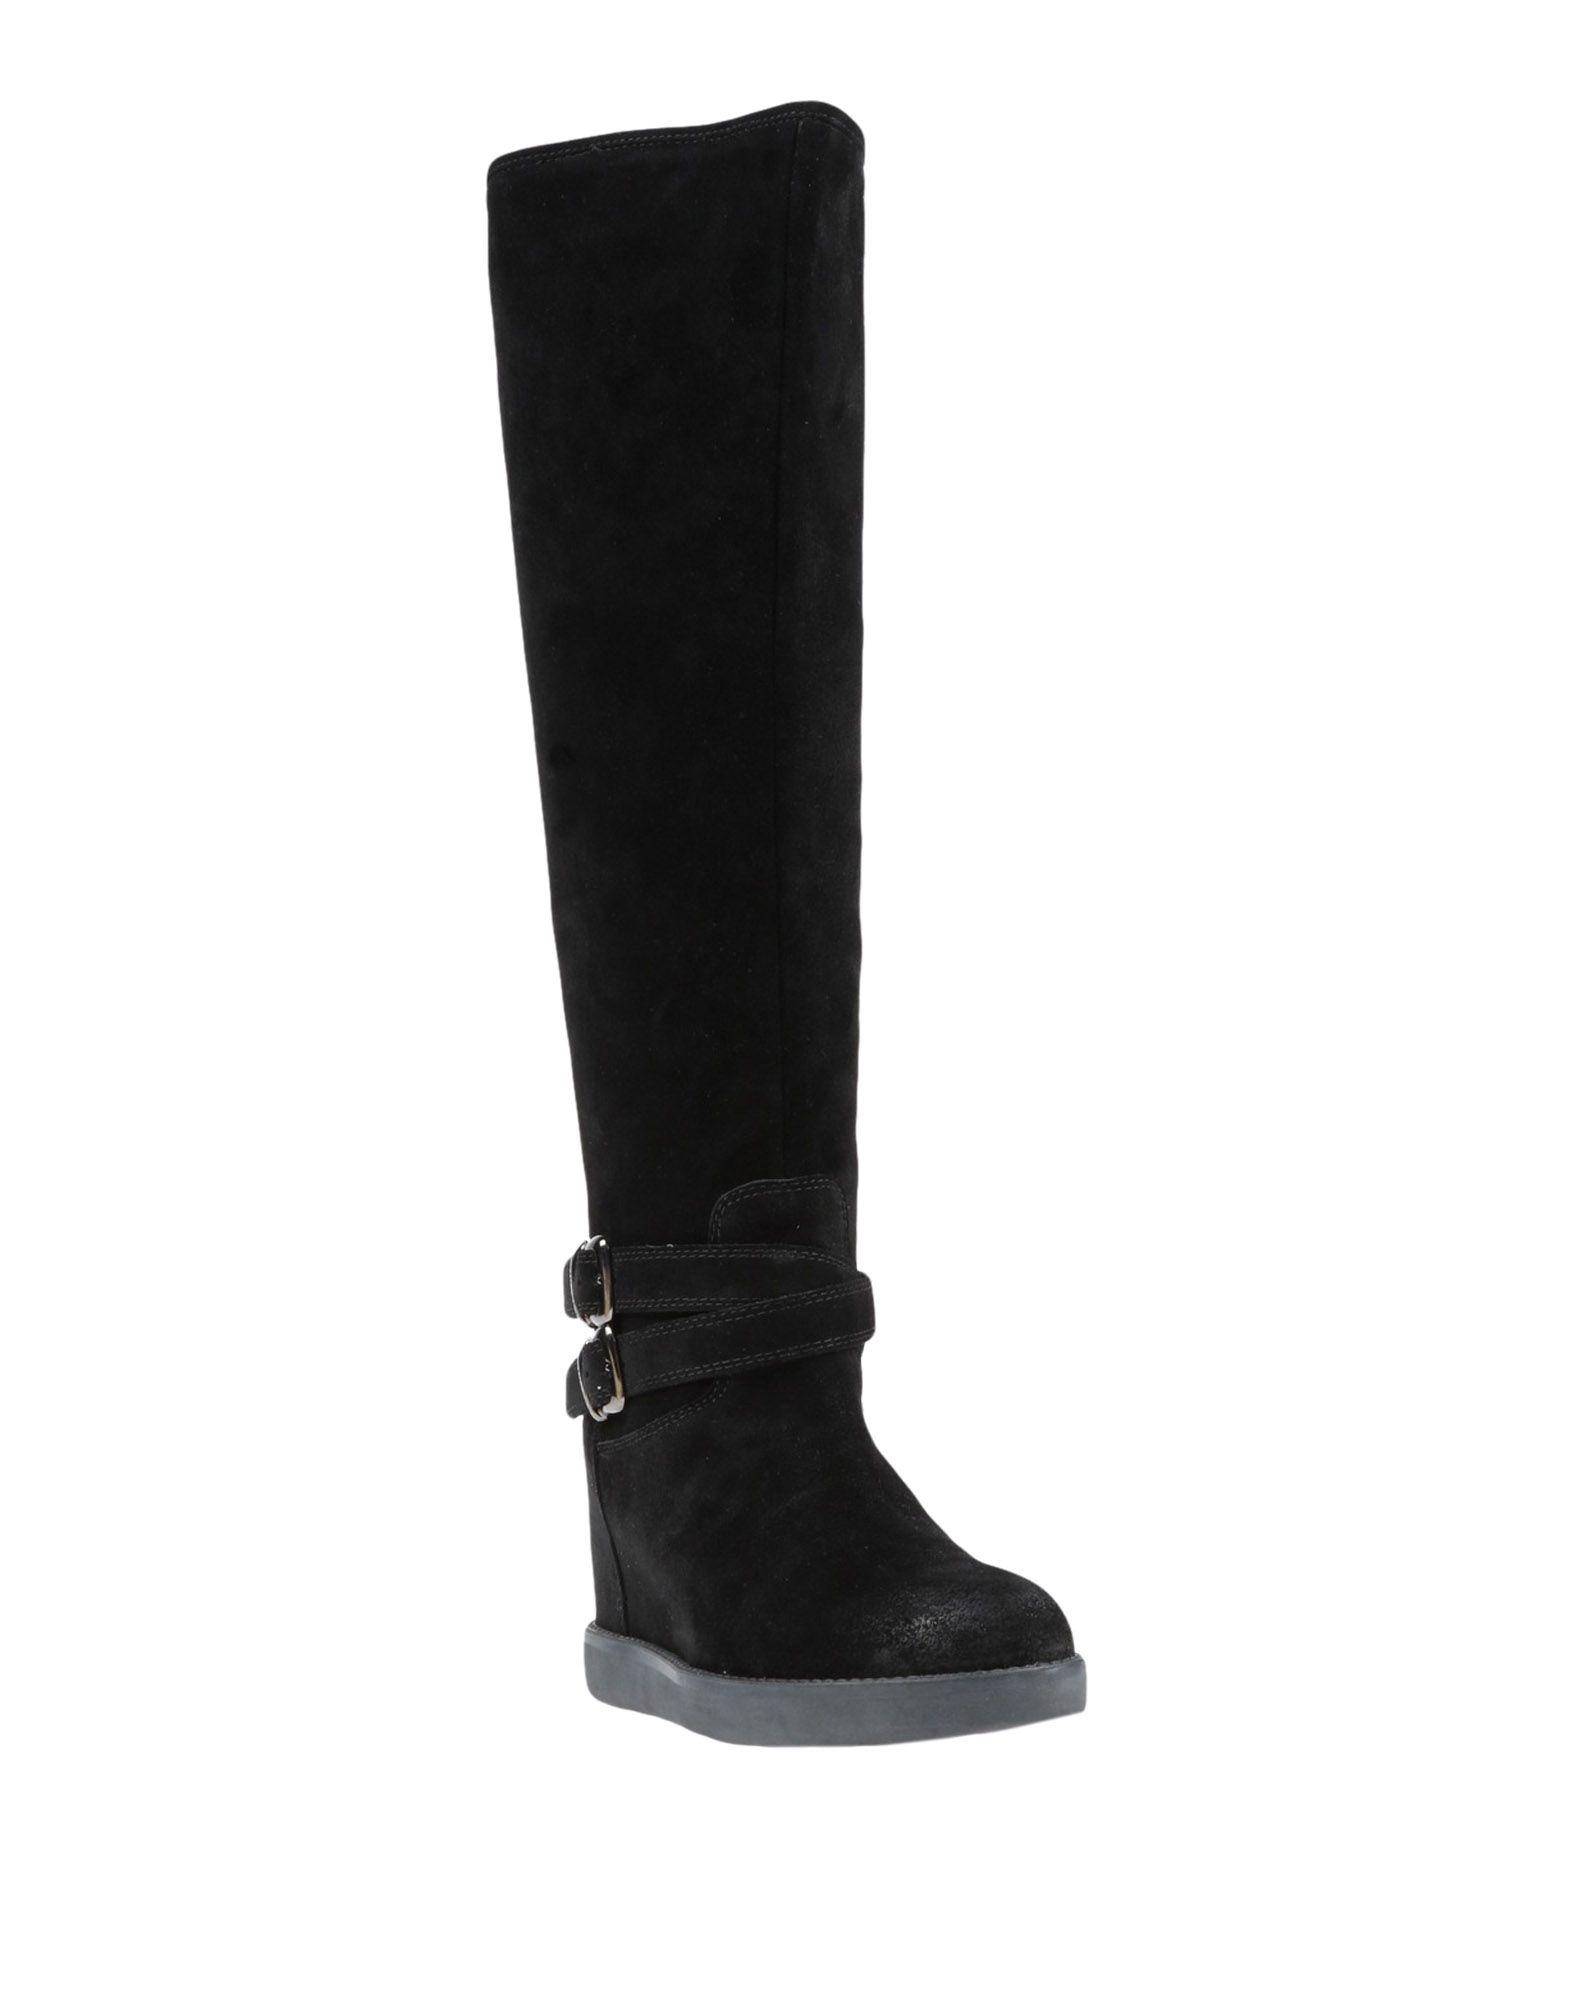 Haltbare Mode billige Schuhe Beliebte Twin 11539641EA Beliebte Schuhe Schuhe b72aaa